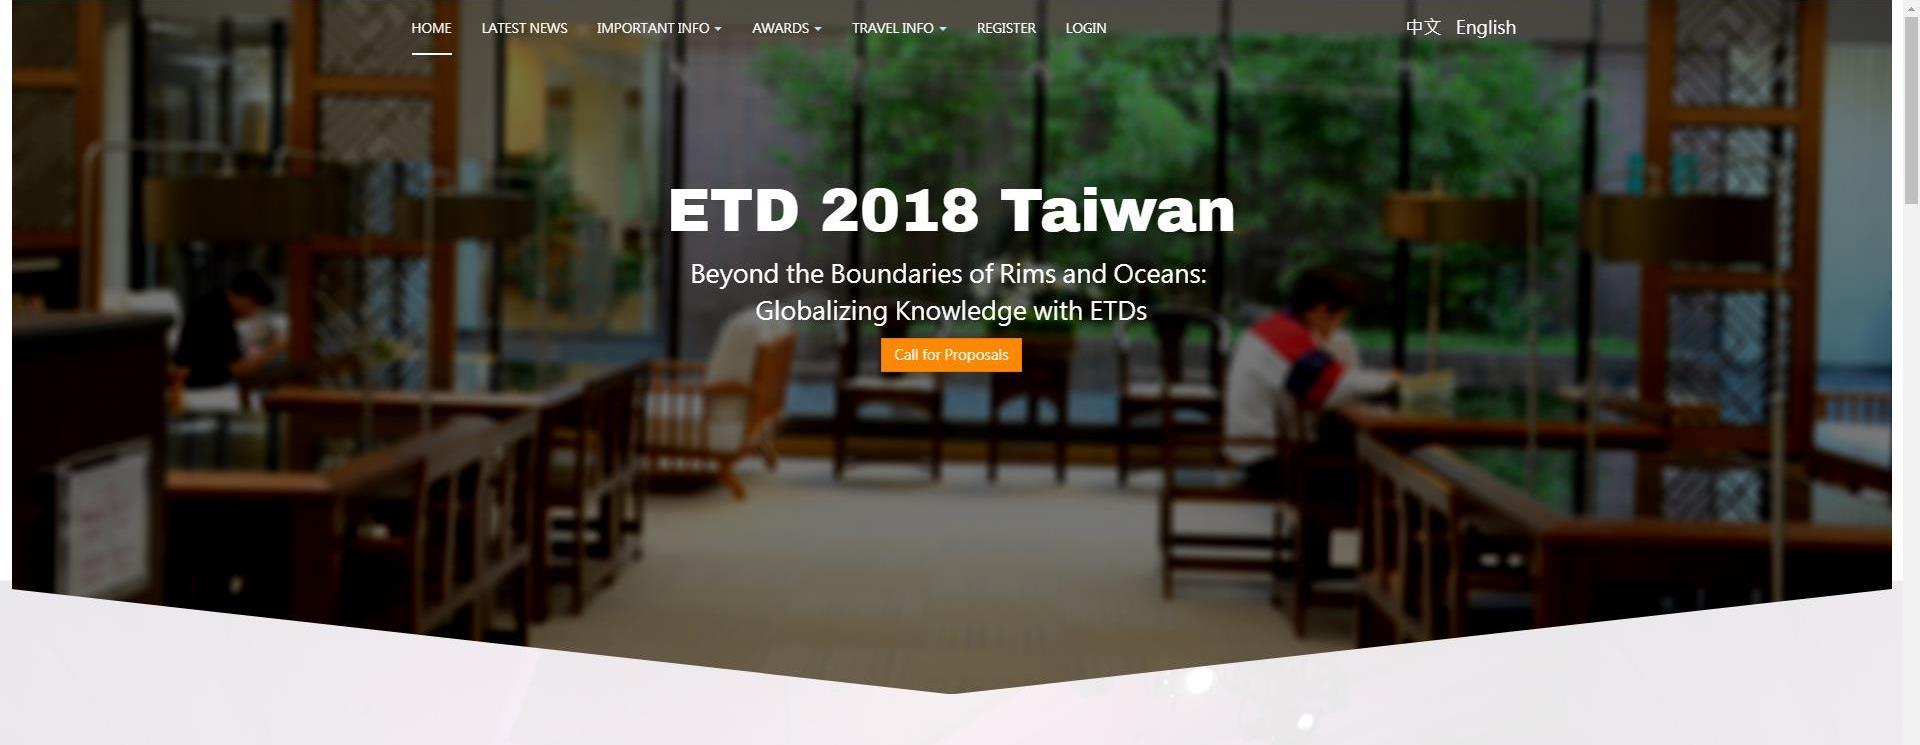 2018年電子學位論文國際研討會